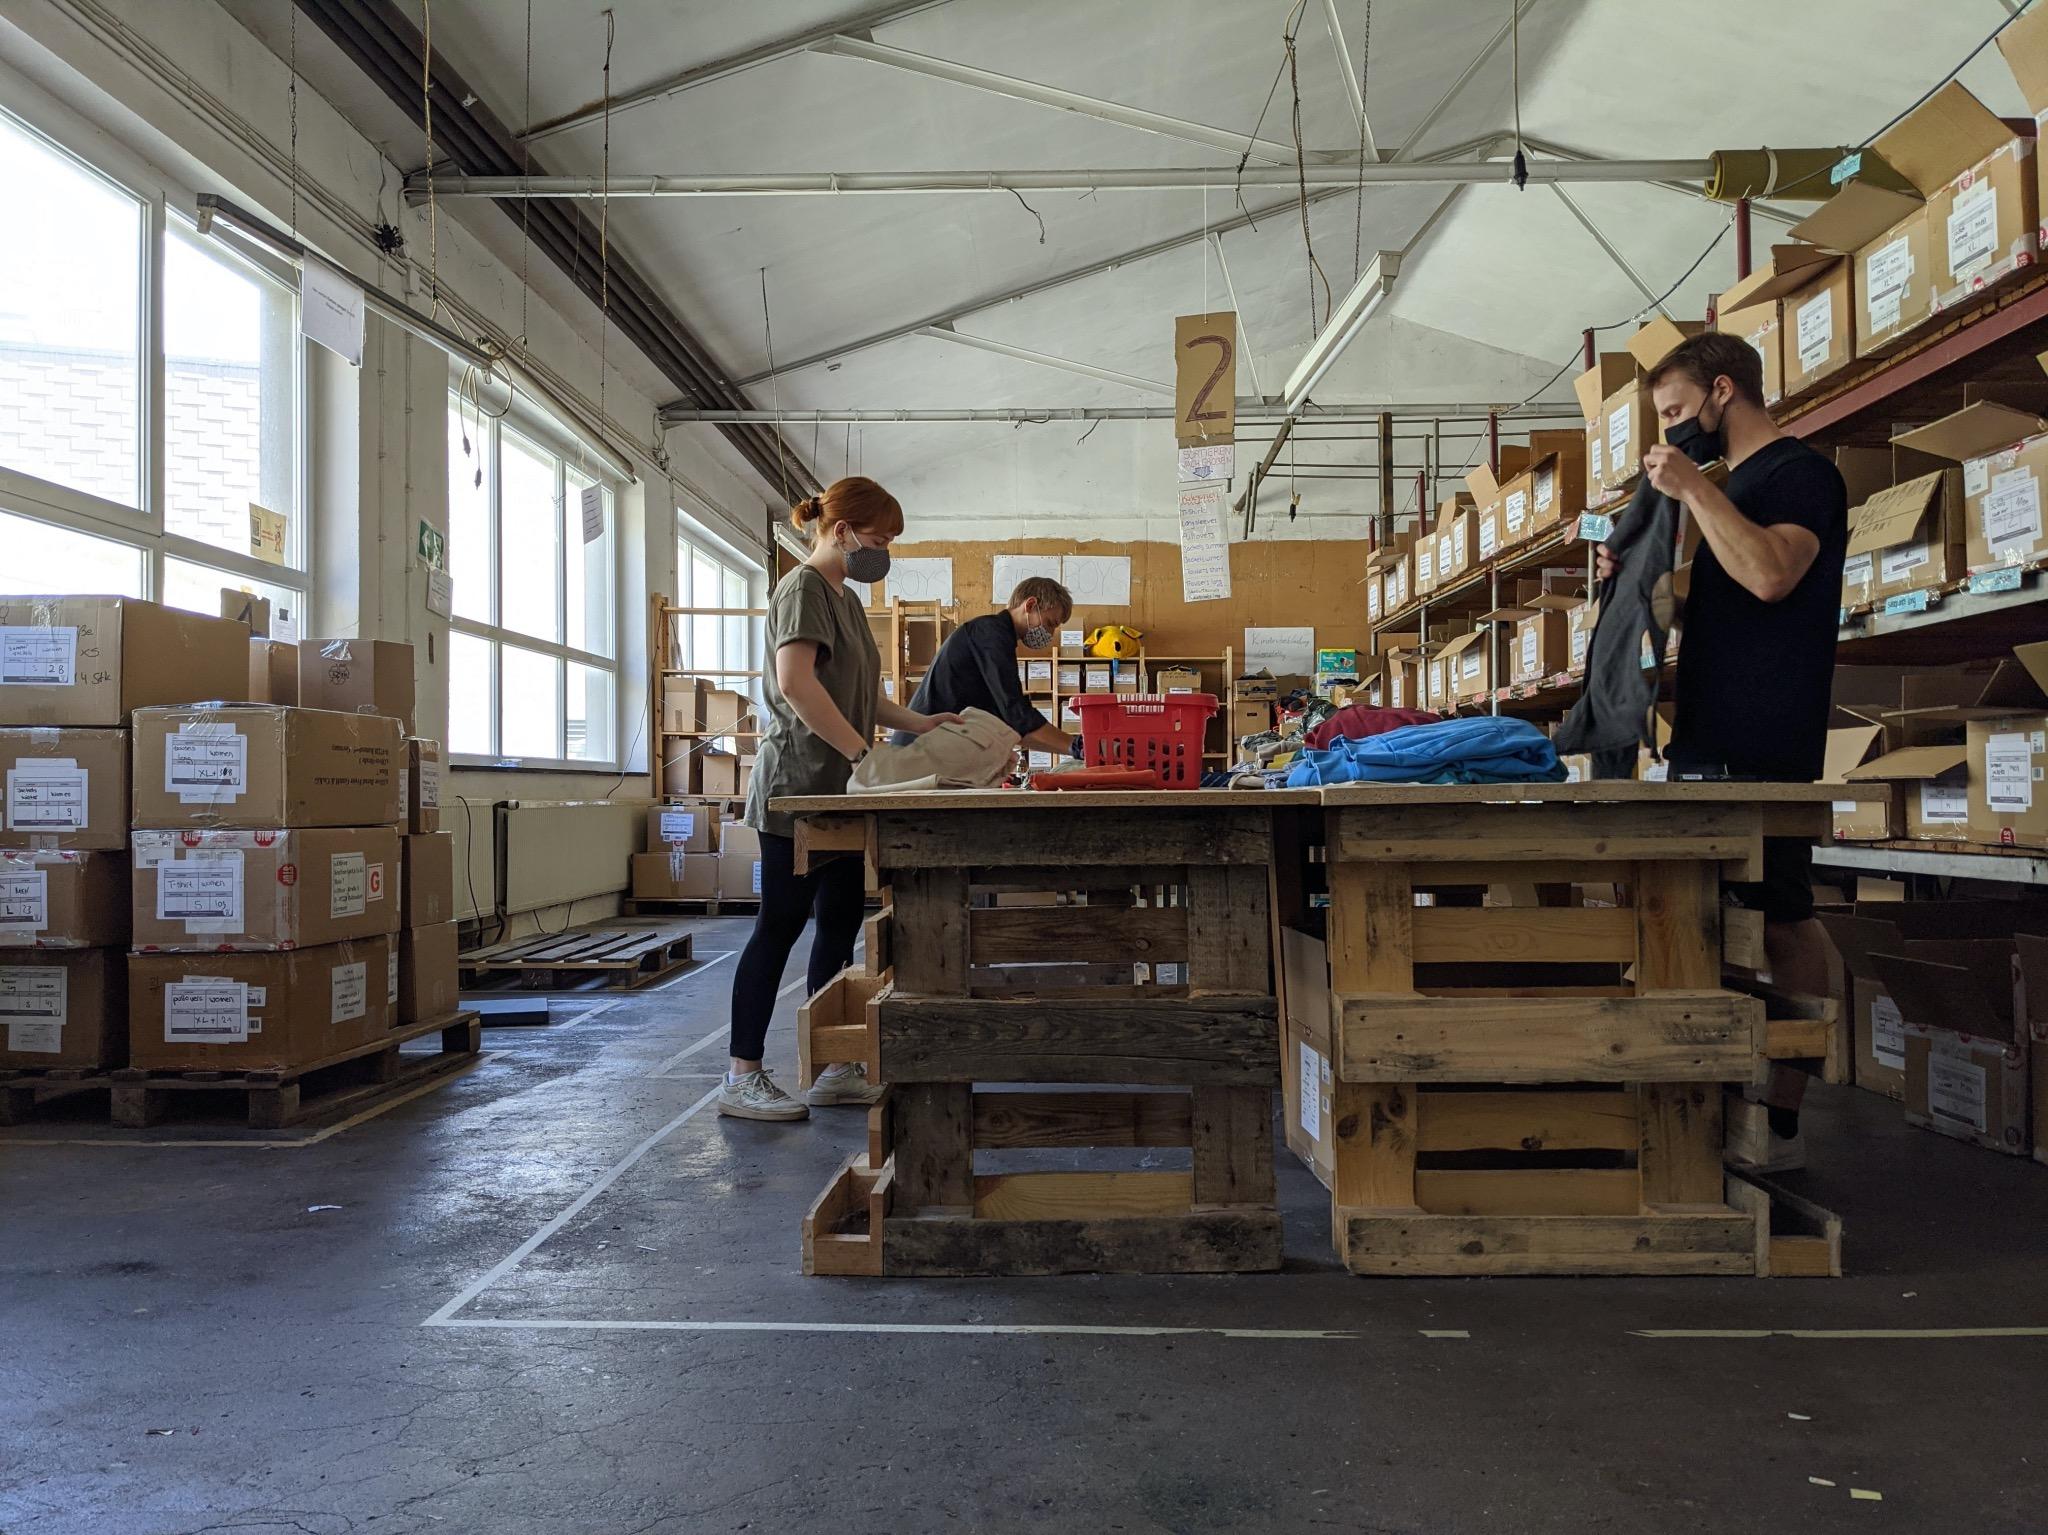 Die Helfer von HERMINE suchen dringend nach einem neuen Lagerraum. Foto: Projekt HERMINE/ Mobile Flüchtlingshilfe e.V.